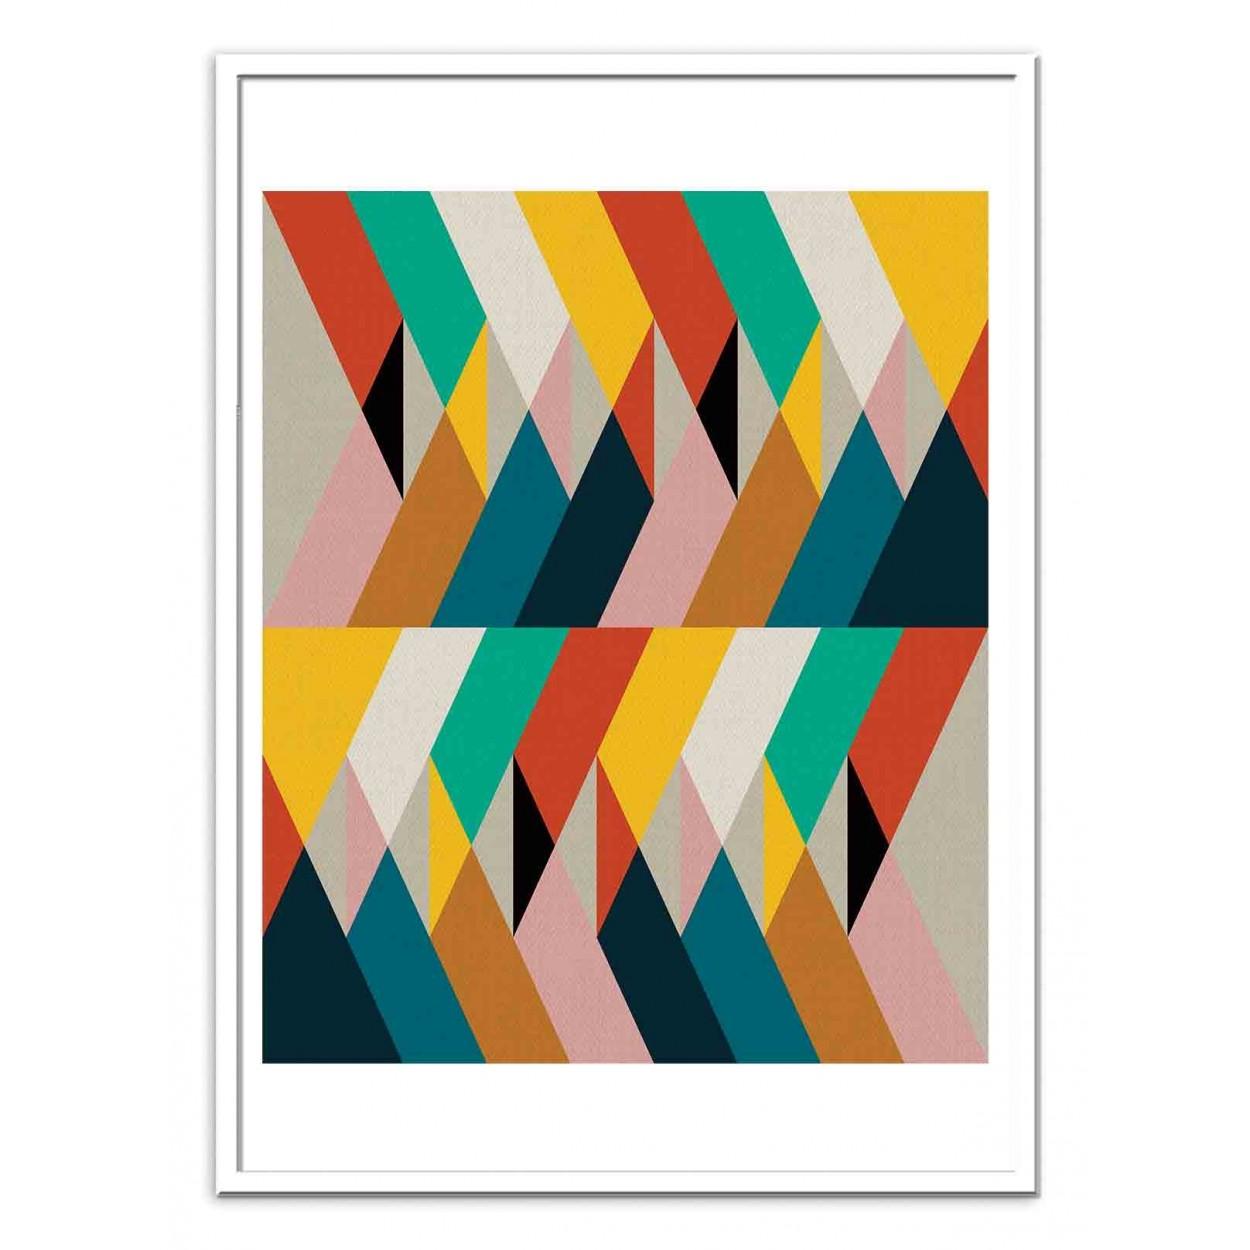 affiche d 39 art et poster design illustration de formes g om triques. Black Bedroom Furniture Sets. Home Design Ideas